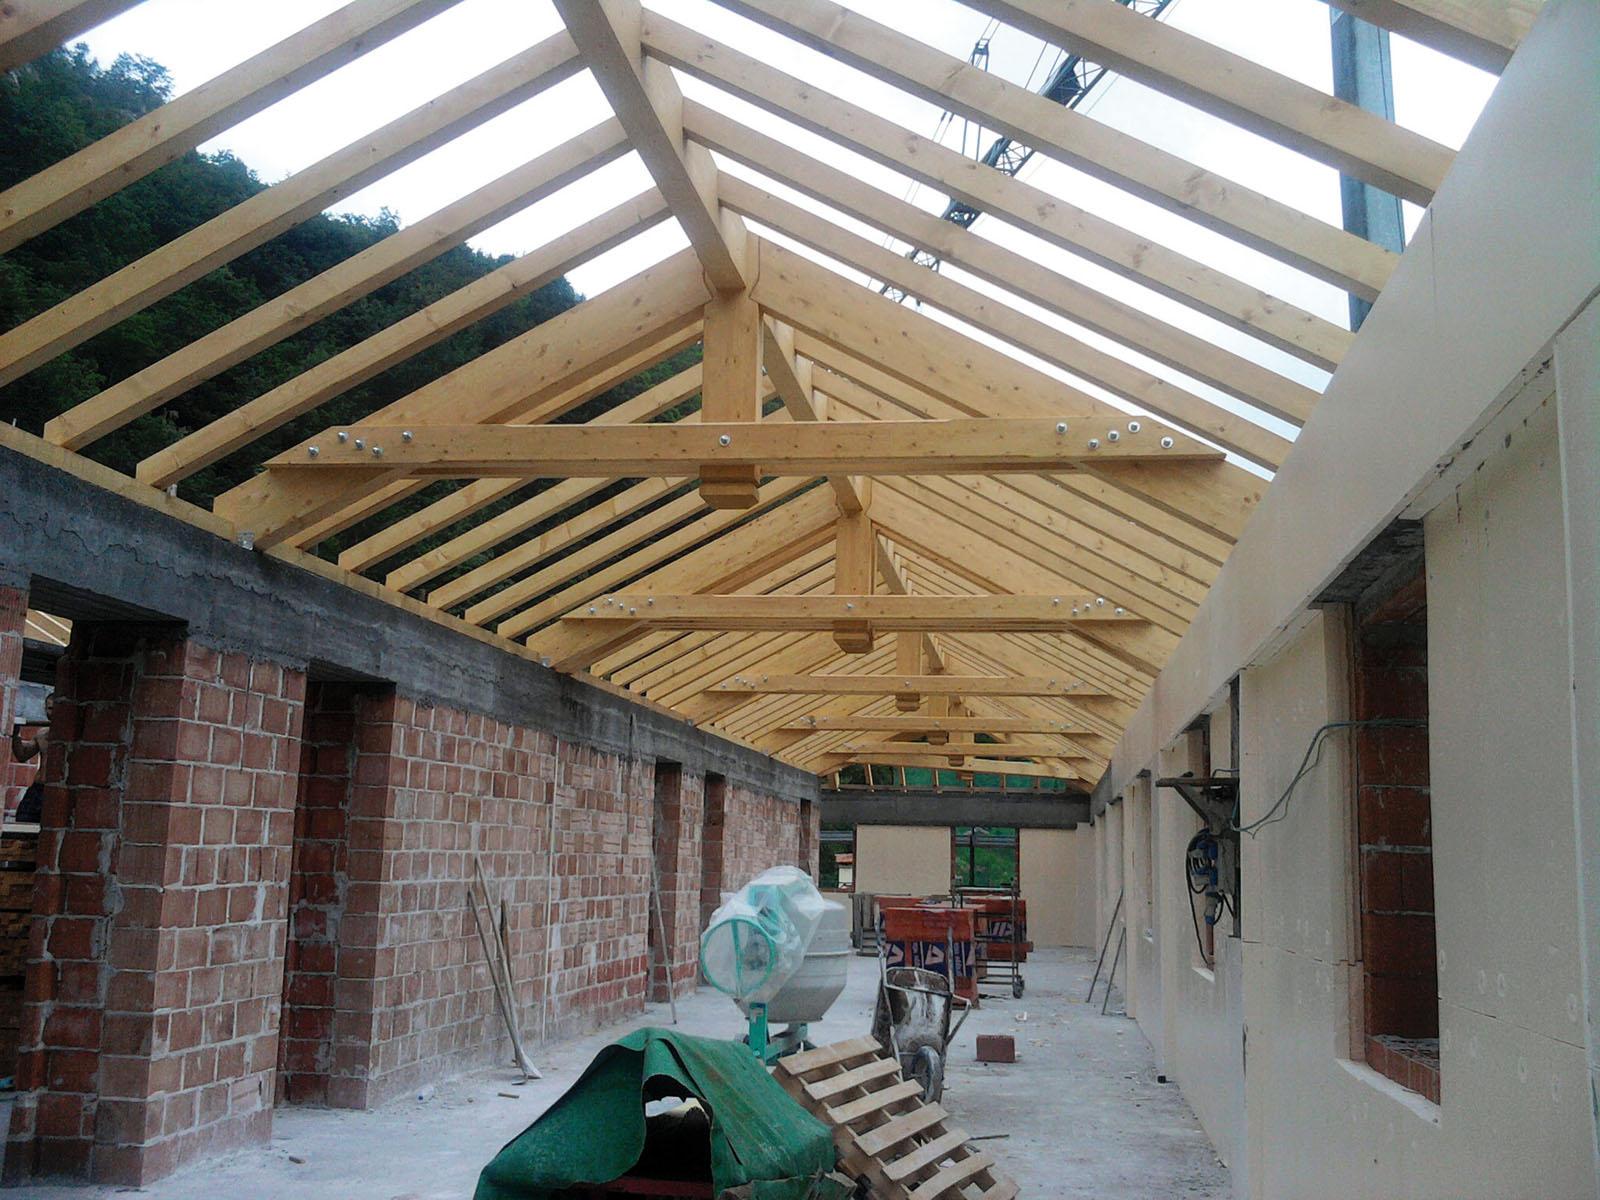 Coperture in legno c g tetti in legno for Tettoia inclinata del tetto